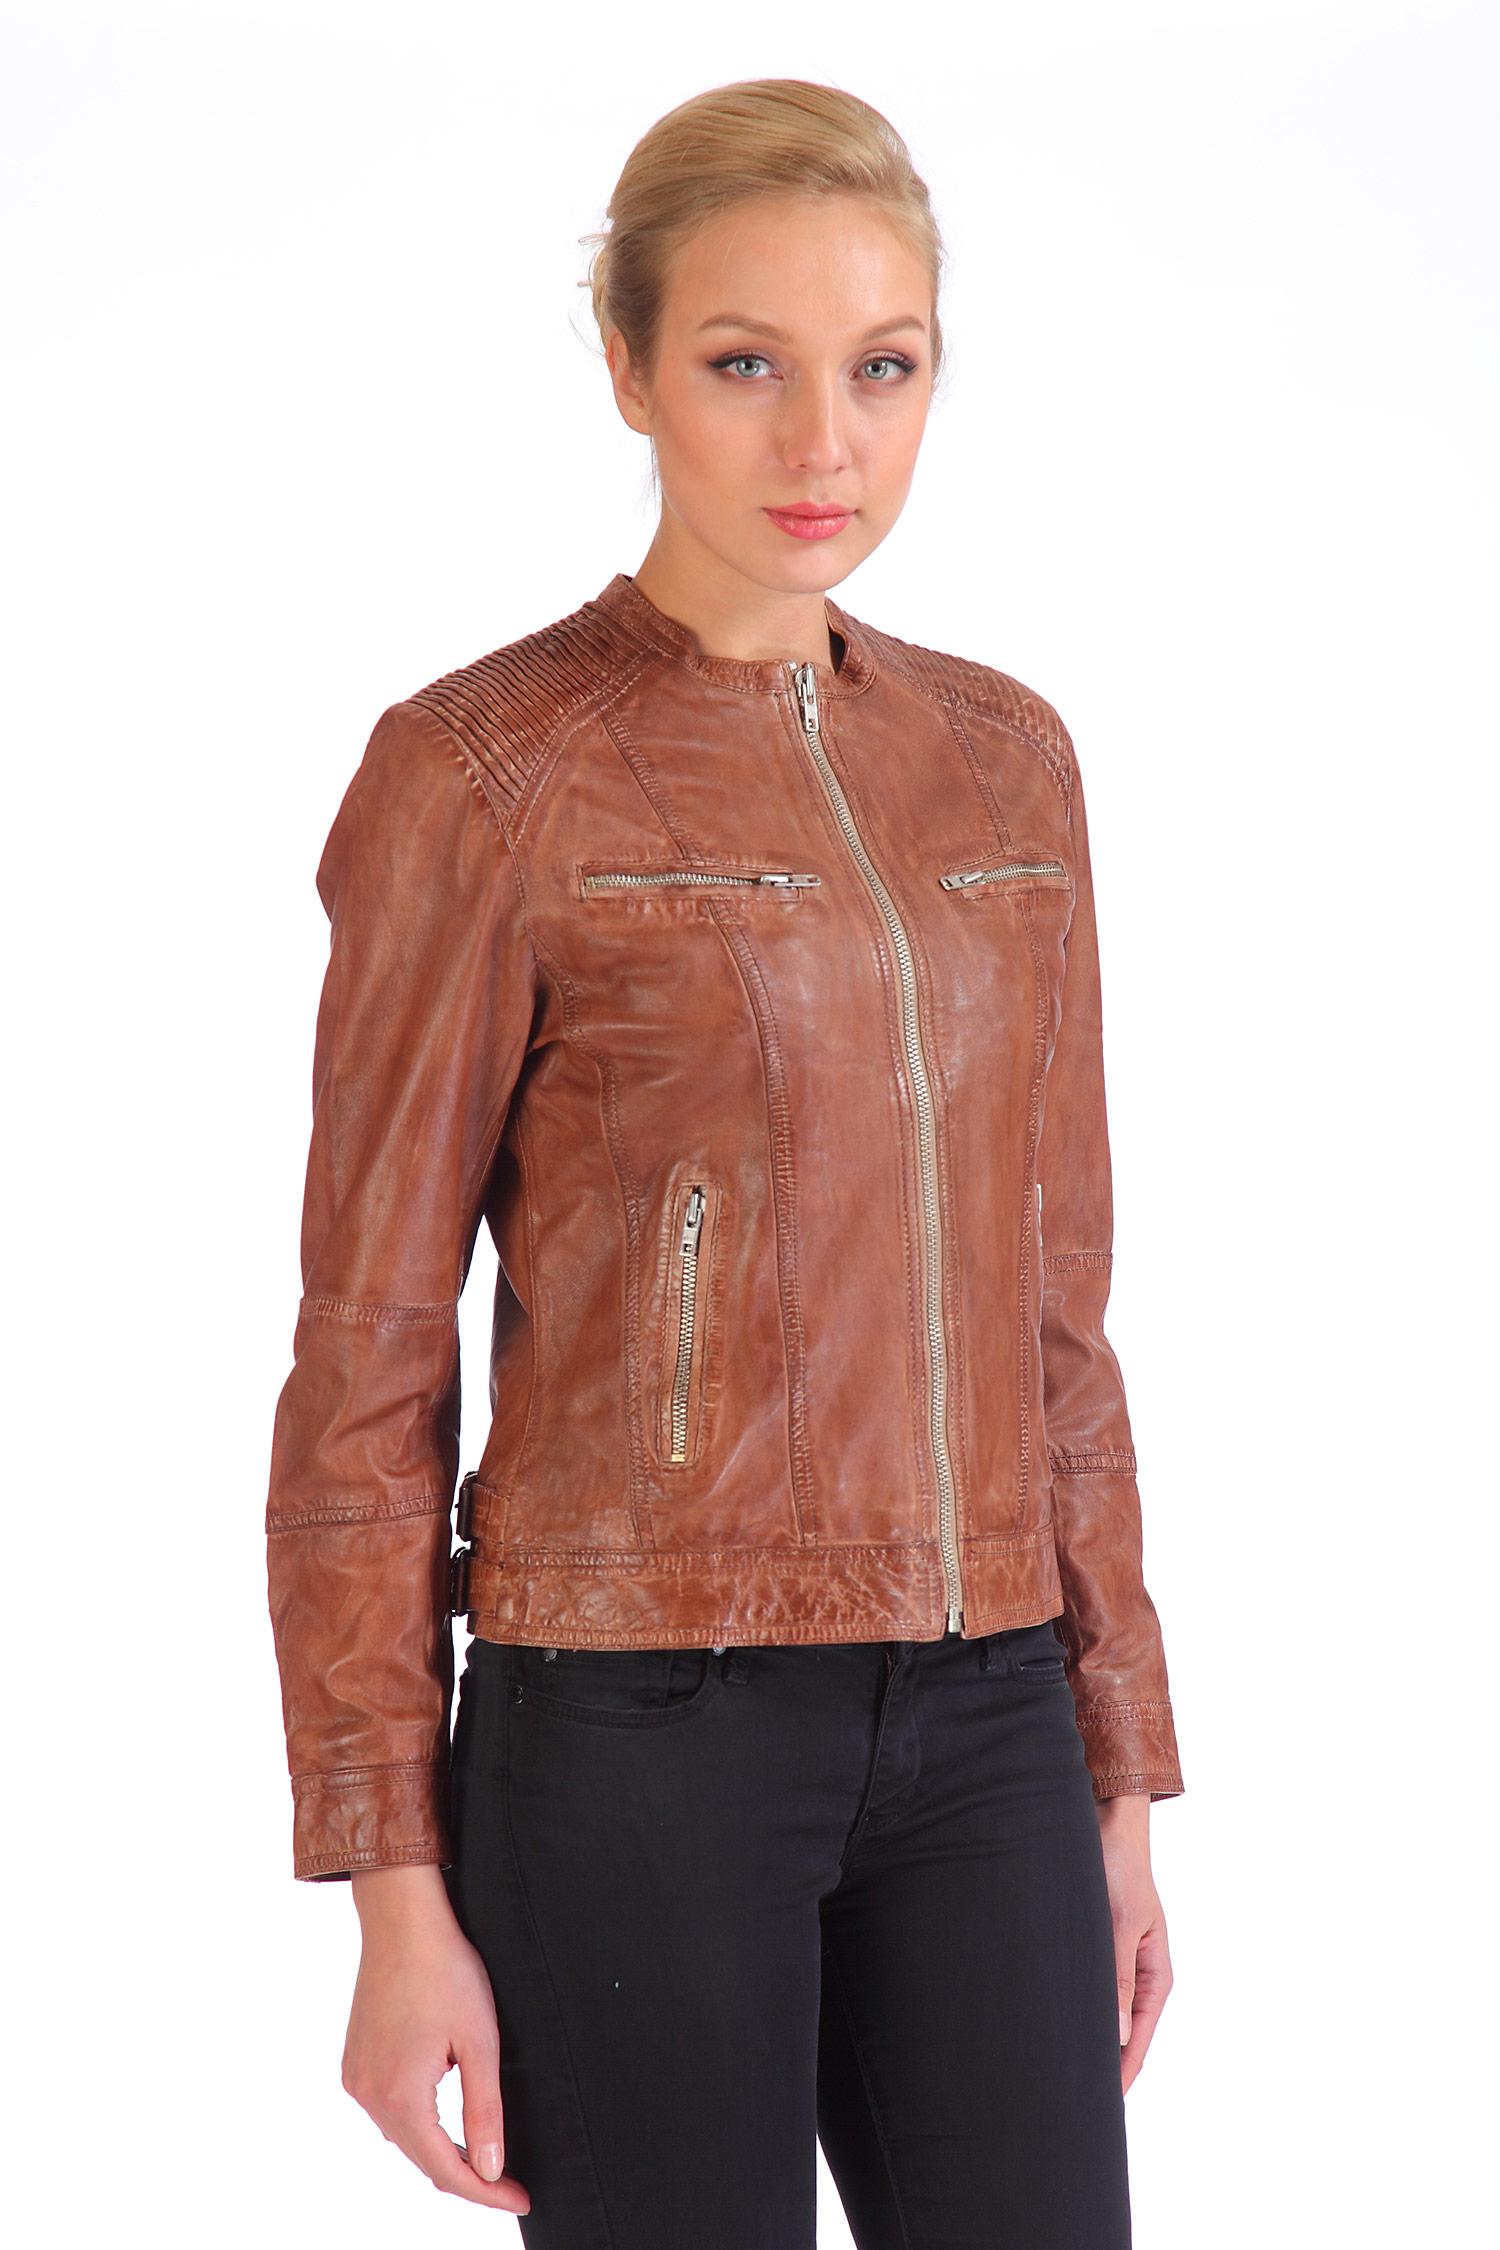 Женская кожаная куртка из натуральной кожи, без отделки<br><br>Длина см: Короткая (51-74 )<br>Материал: Кожа овчина<br>Цвет: коричневый<br>Застежка: на молнии<br>Пол: Женский<br>Размер RU: 46